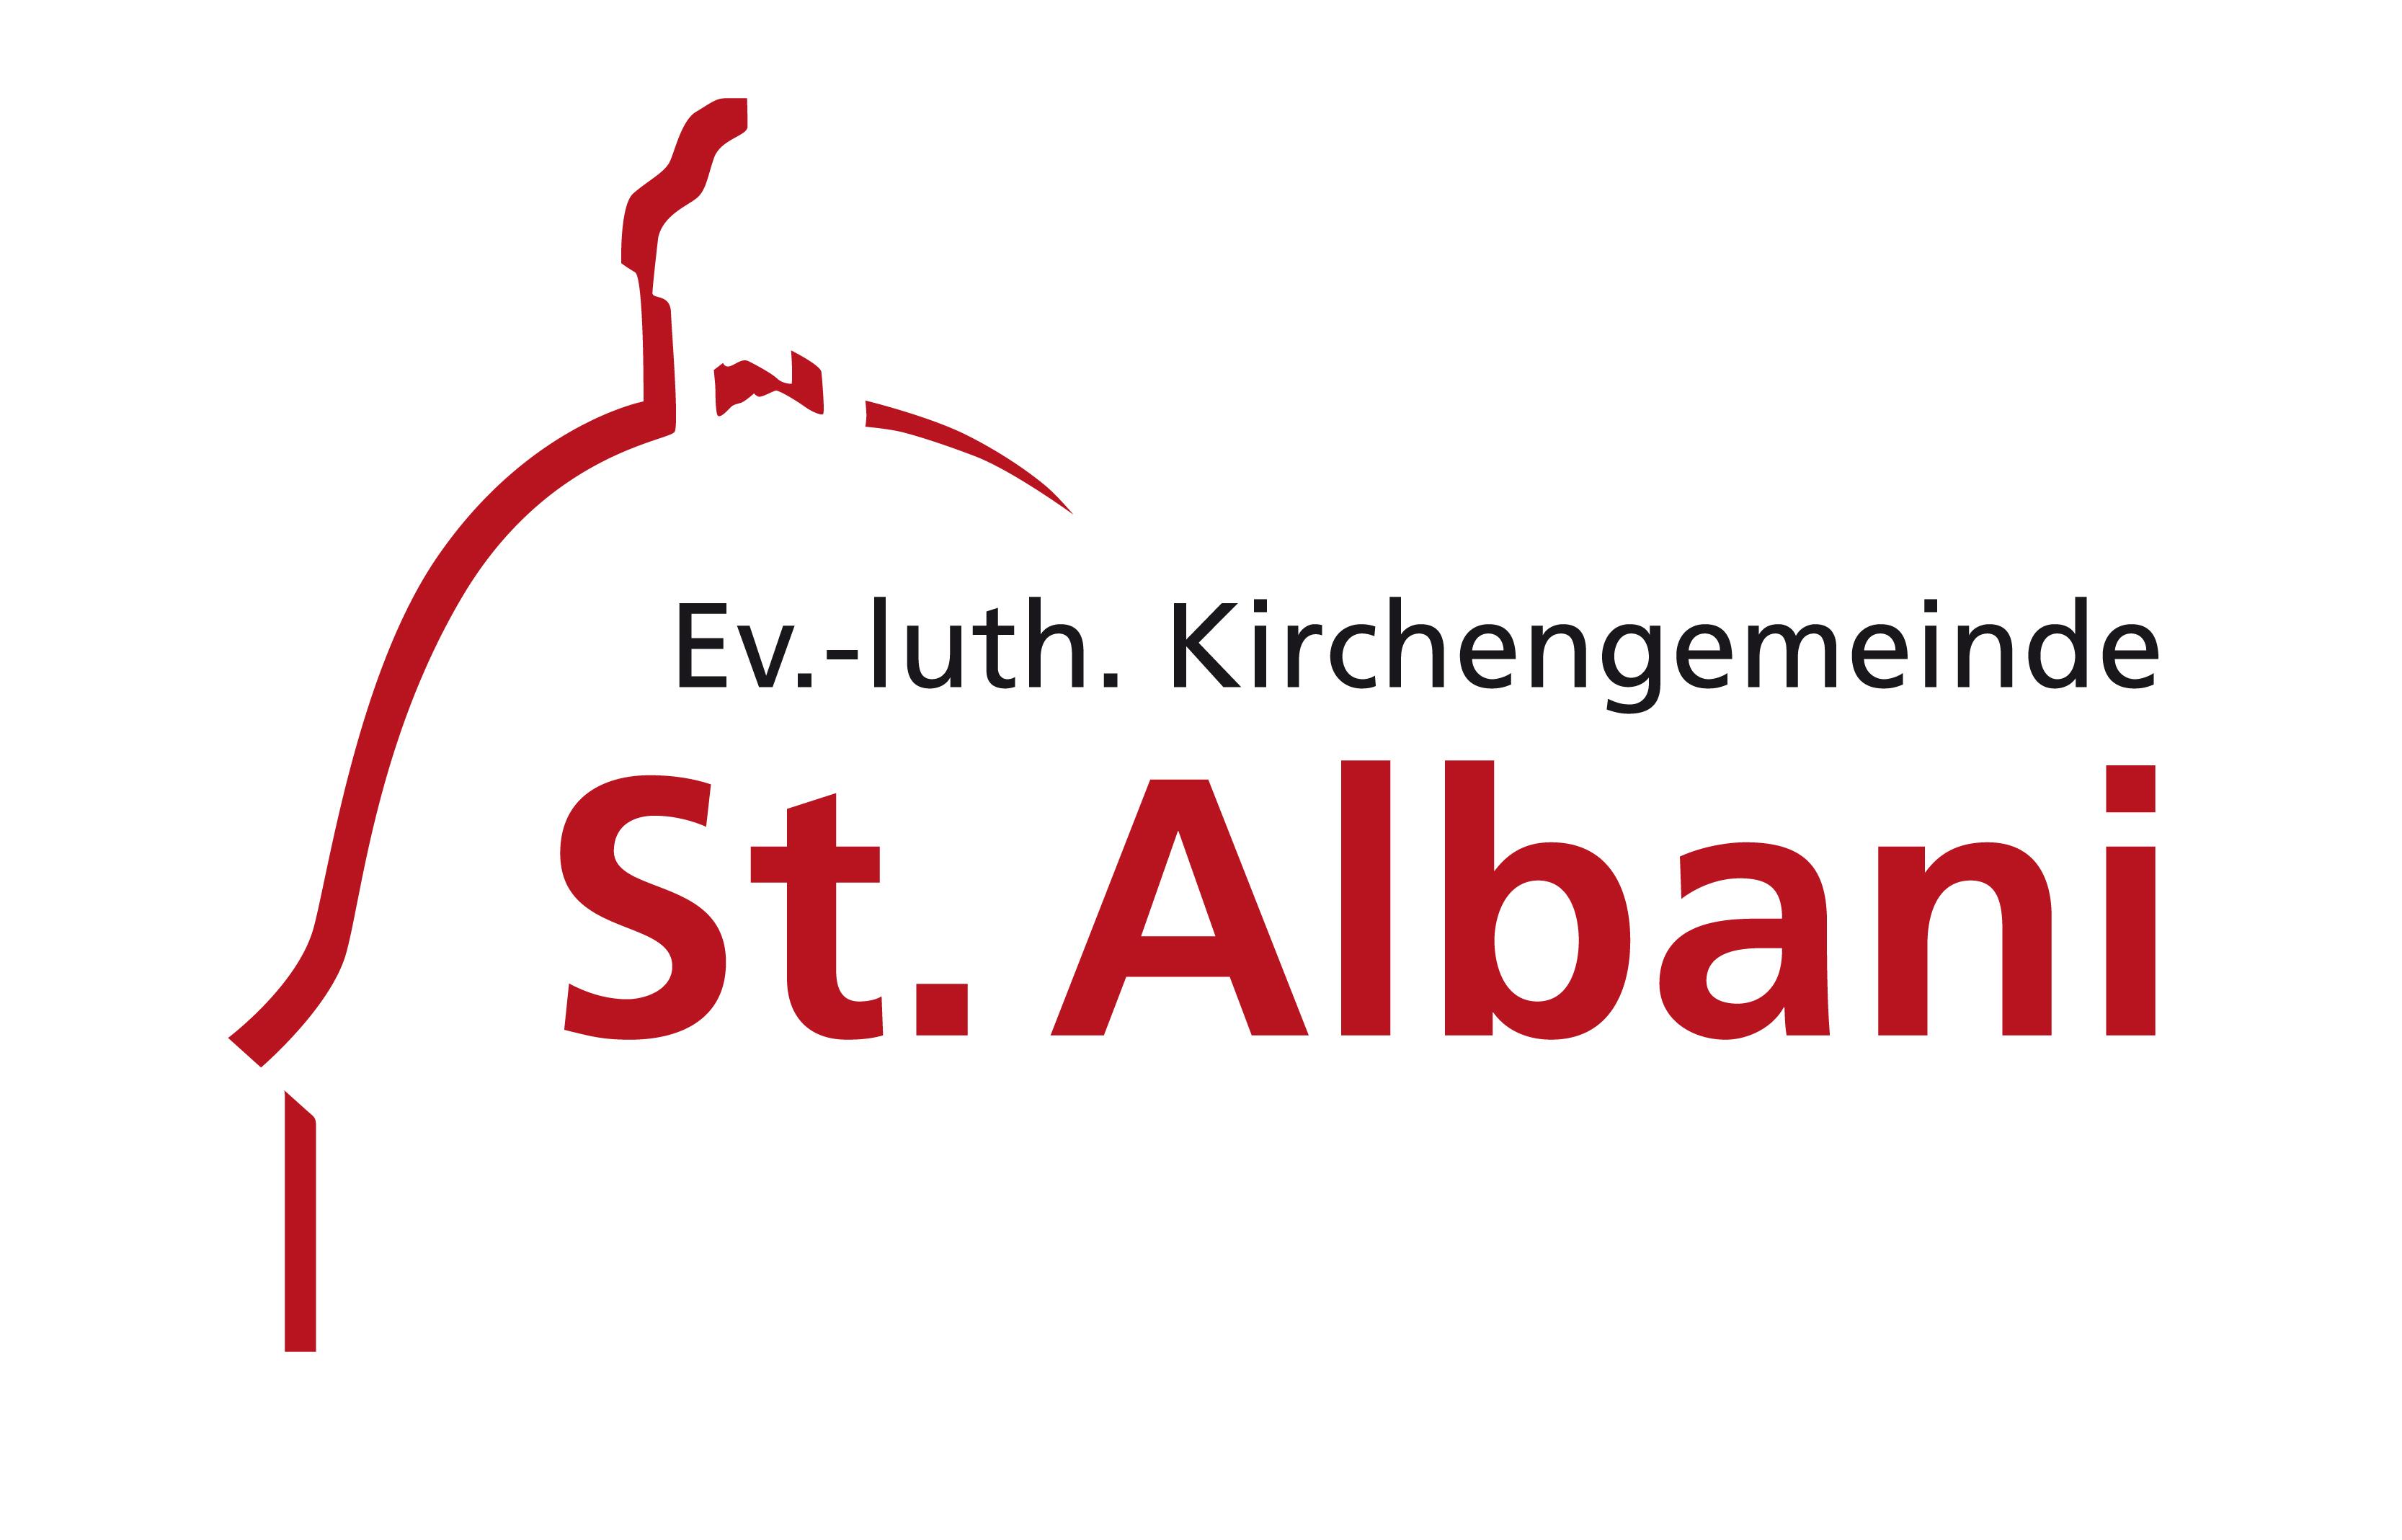 St. Albani